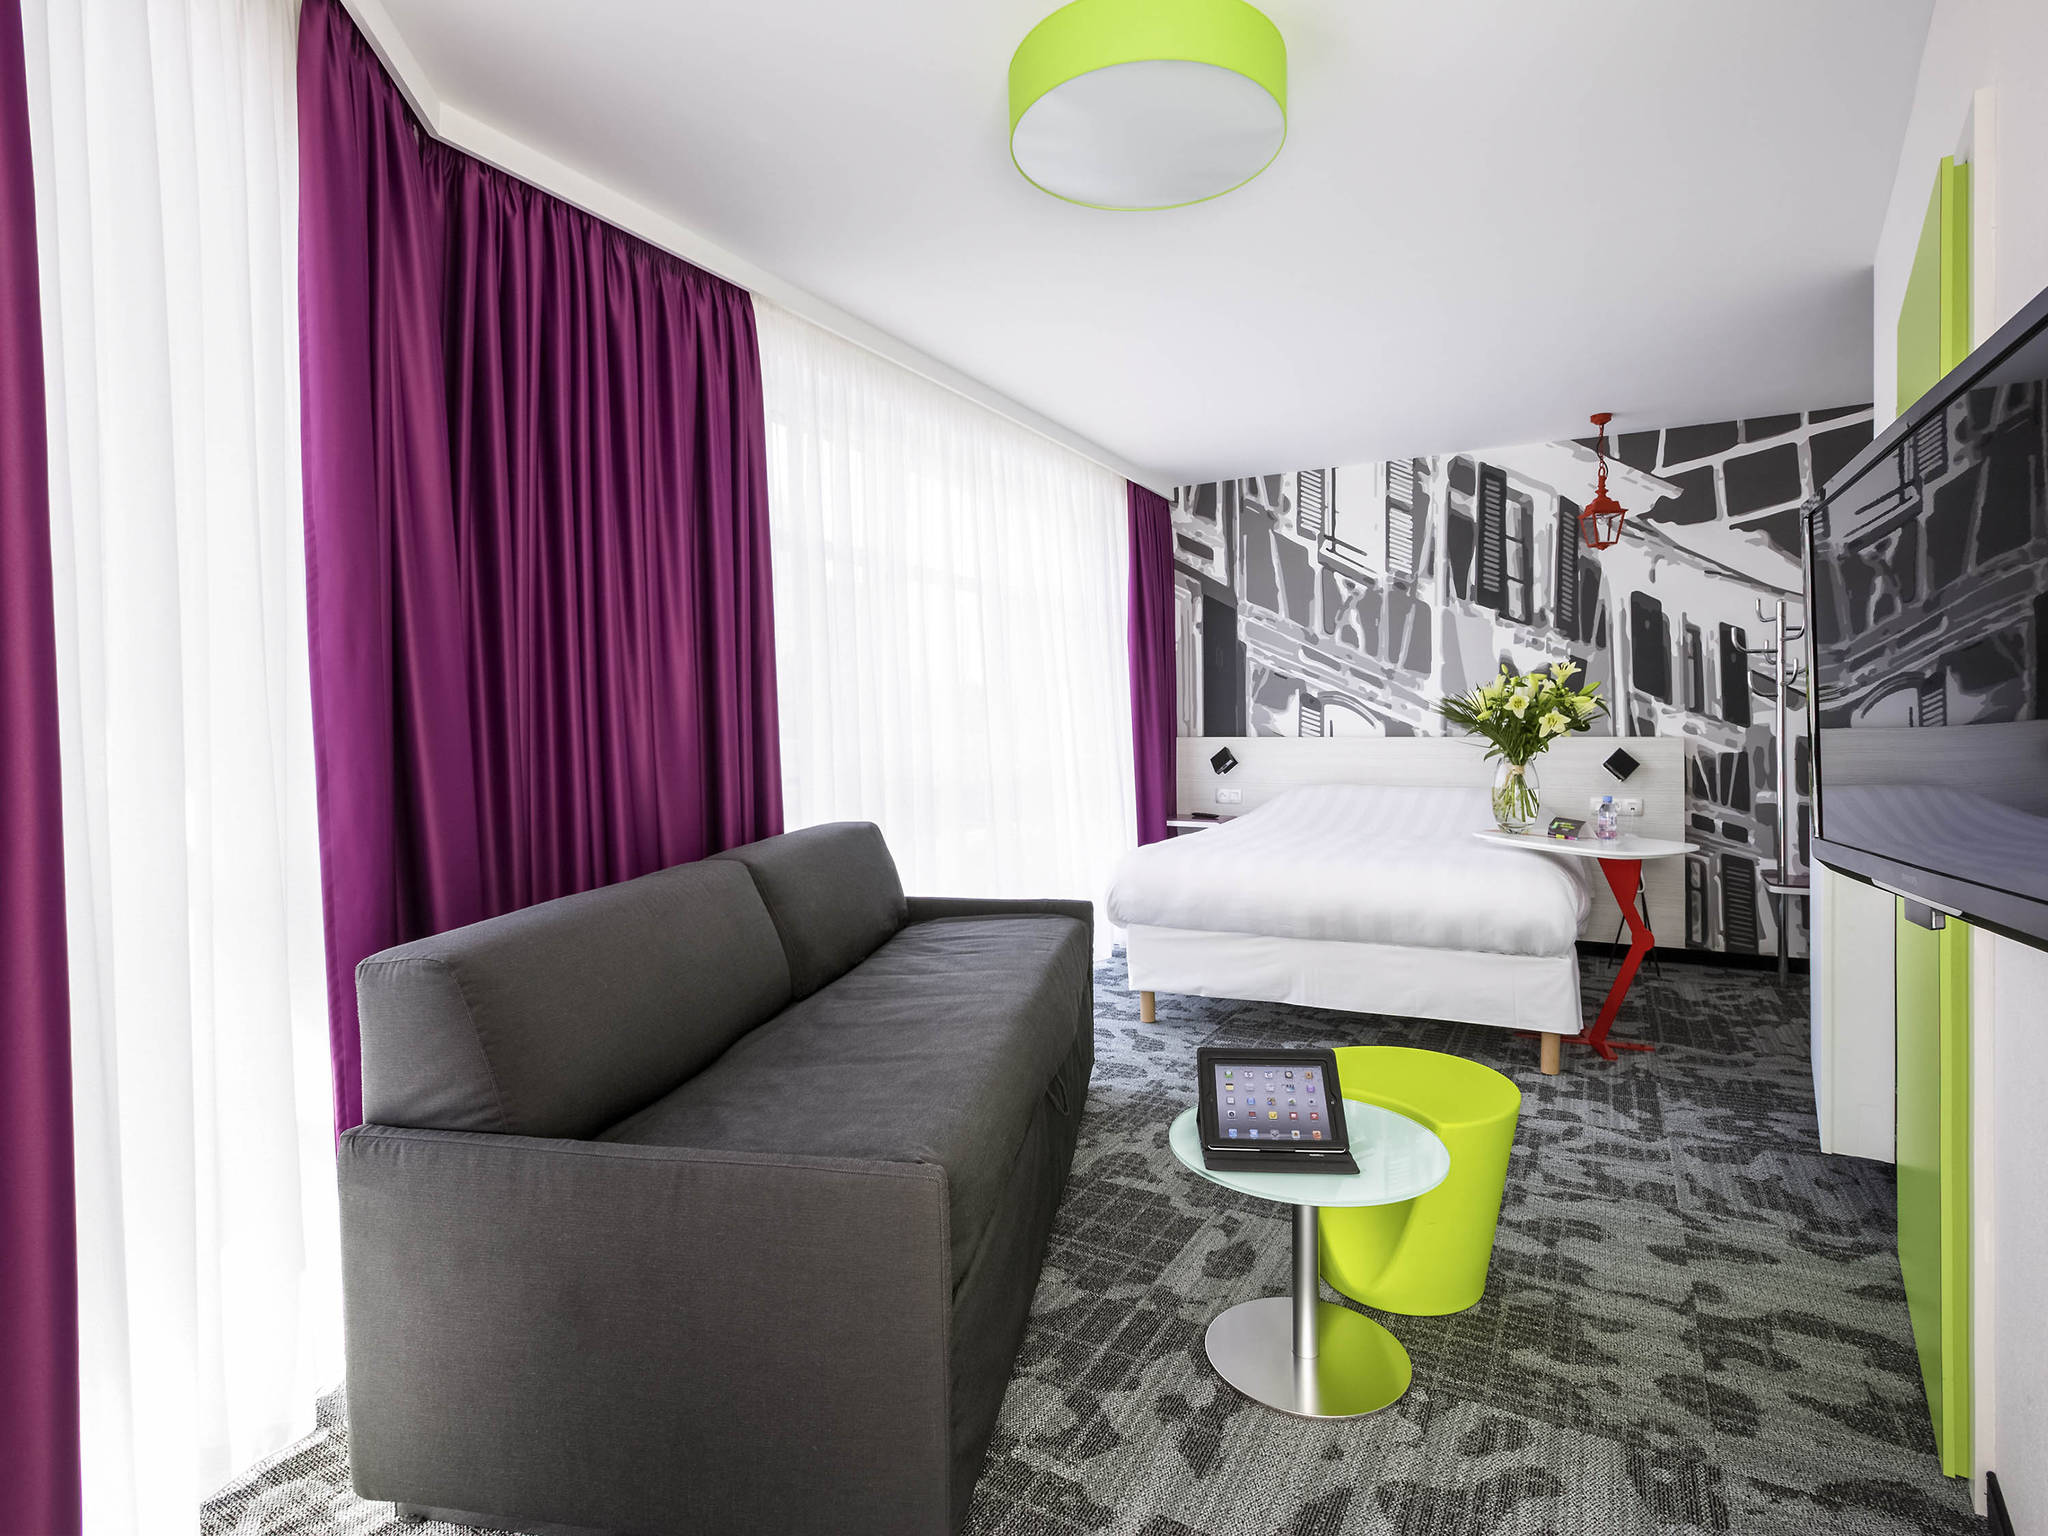 ambiance et style brest le kube restaurant les poissons en suggestion parfait with ambiance et. Black Bedroom Furniture Sets. Home Design Ideas